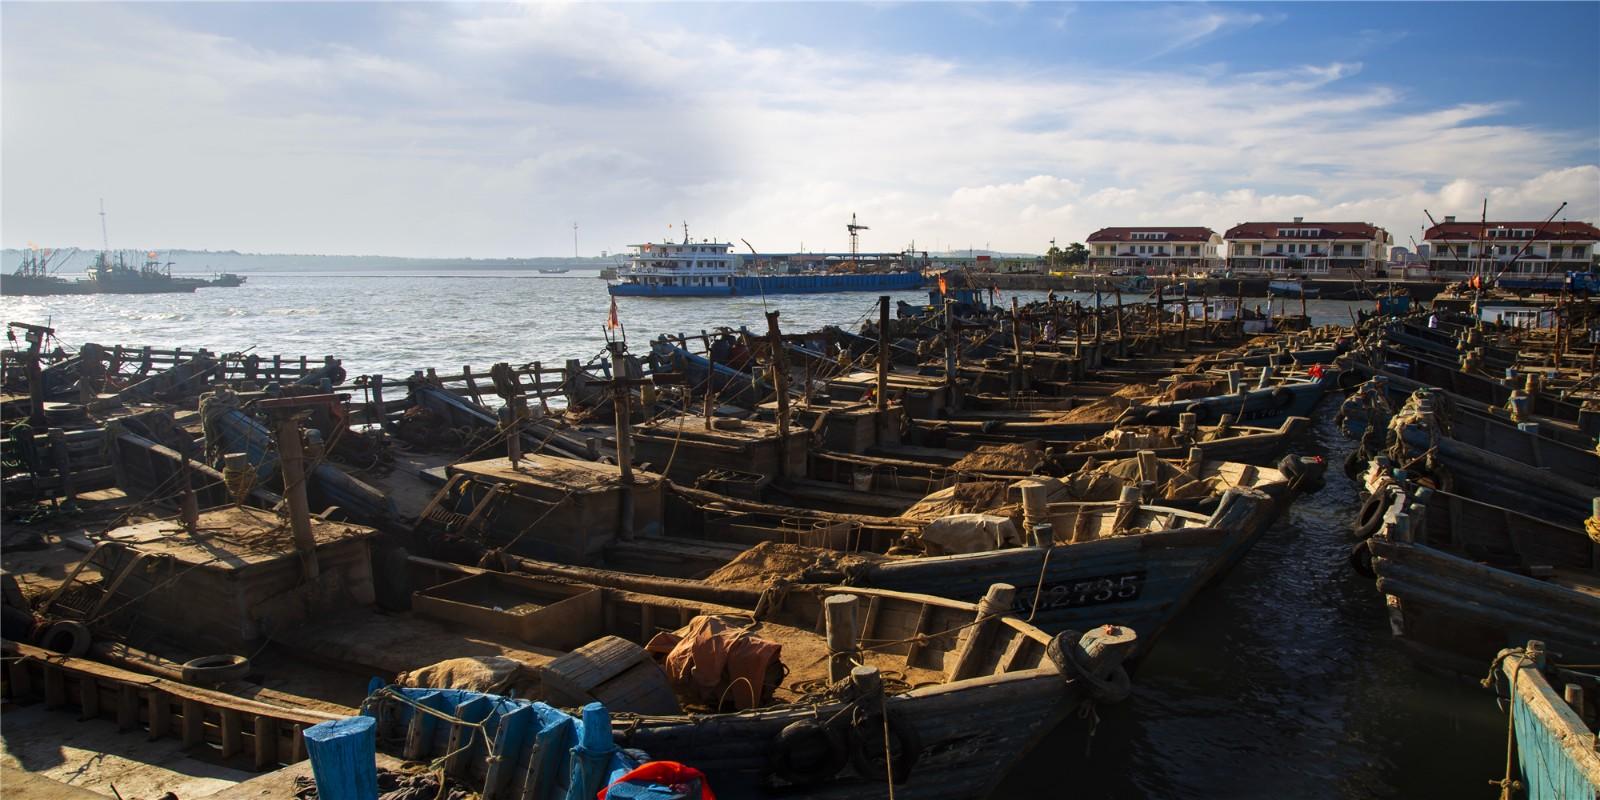 2018年8青岛红岛蛤蜊大丰收,每天都有十万余斤蛤蜊上岸。